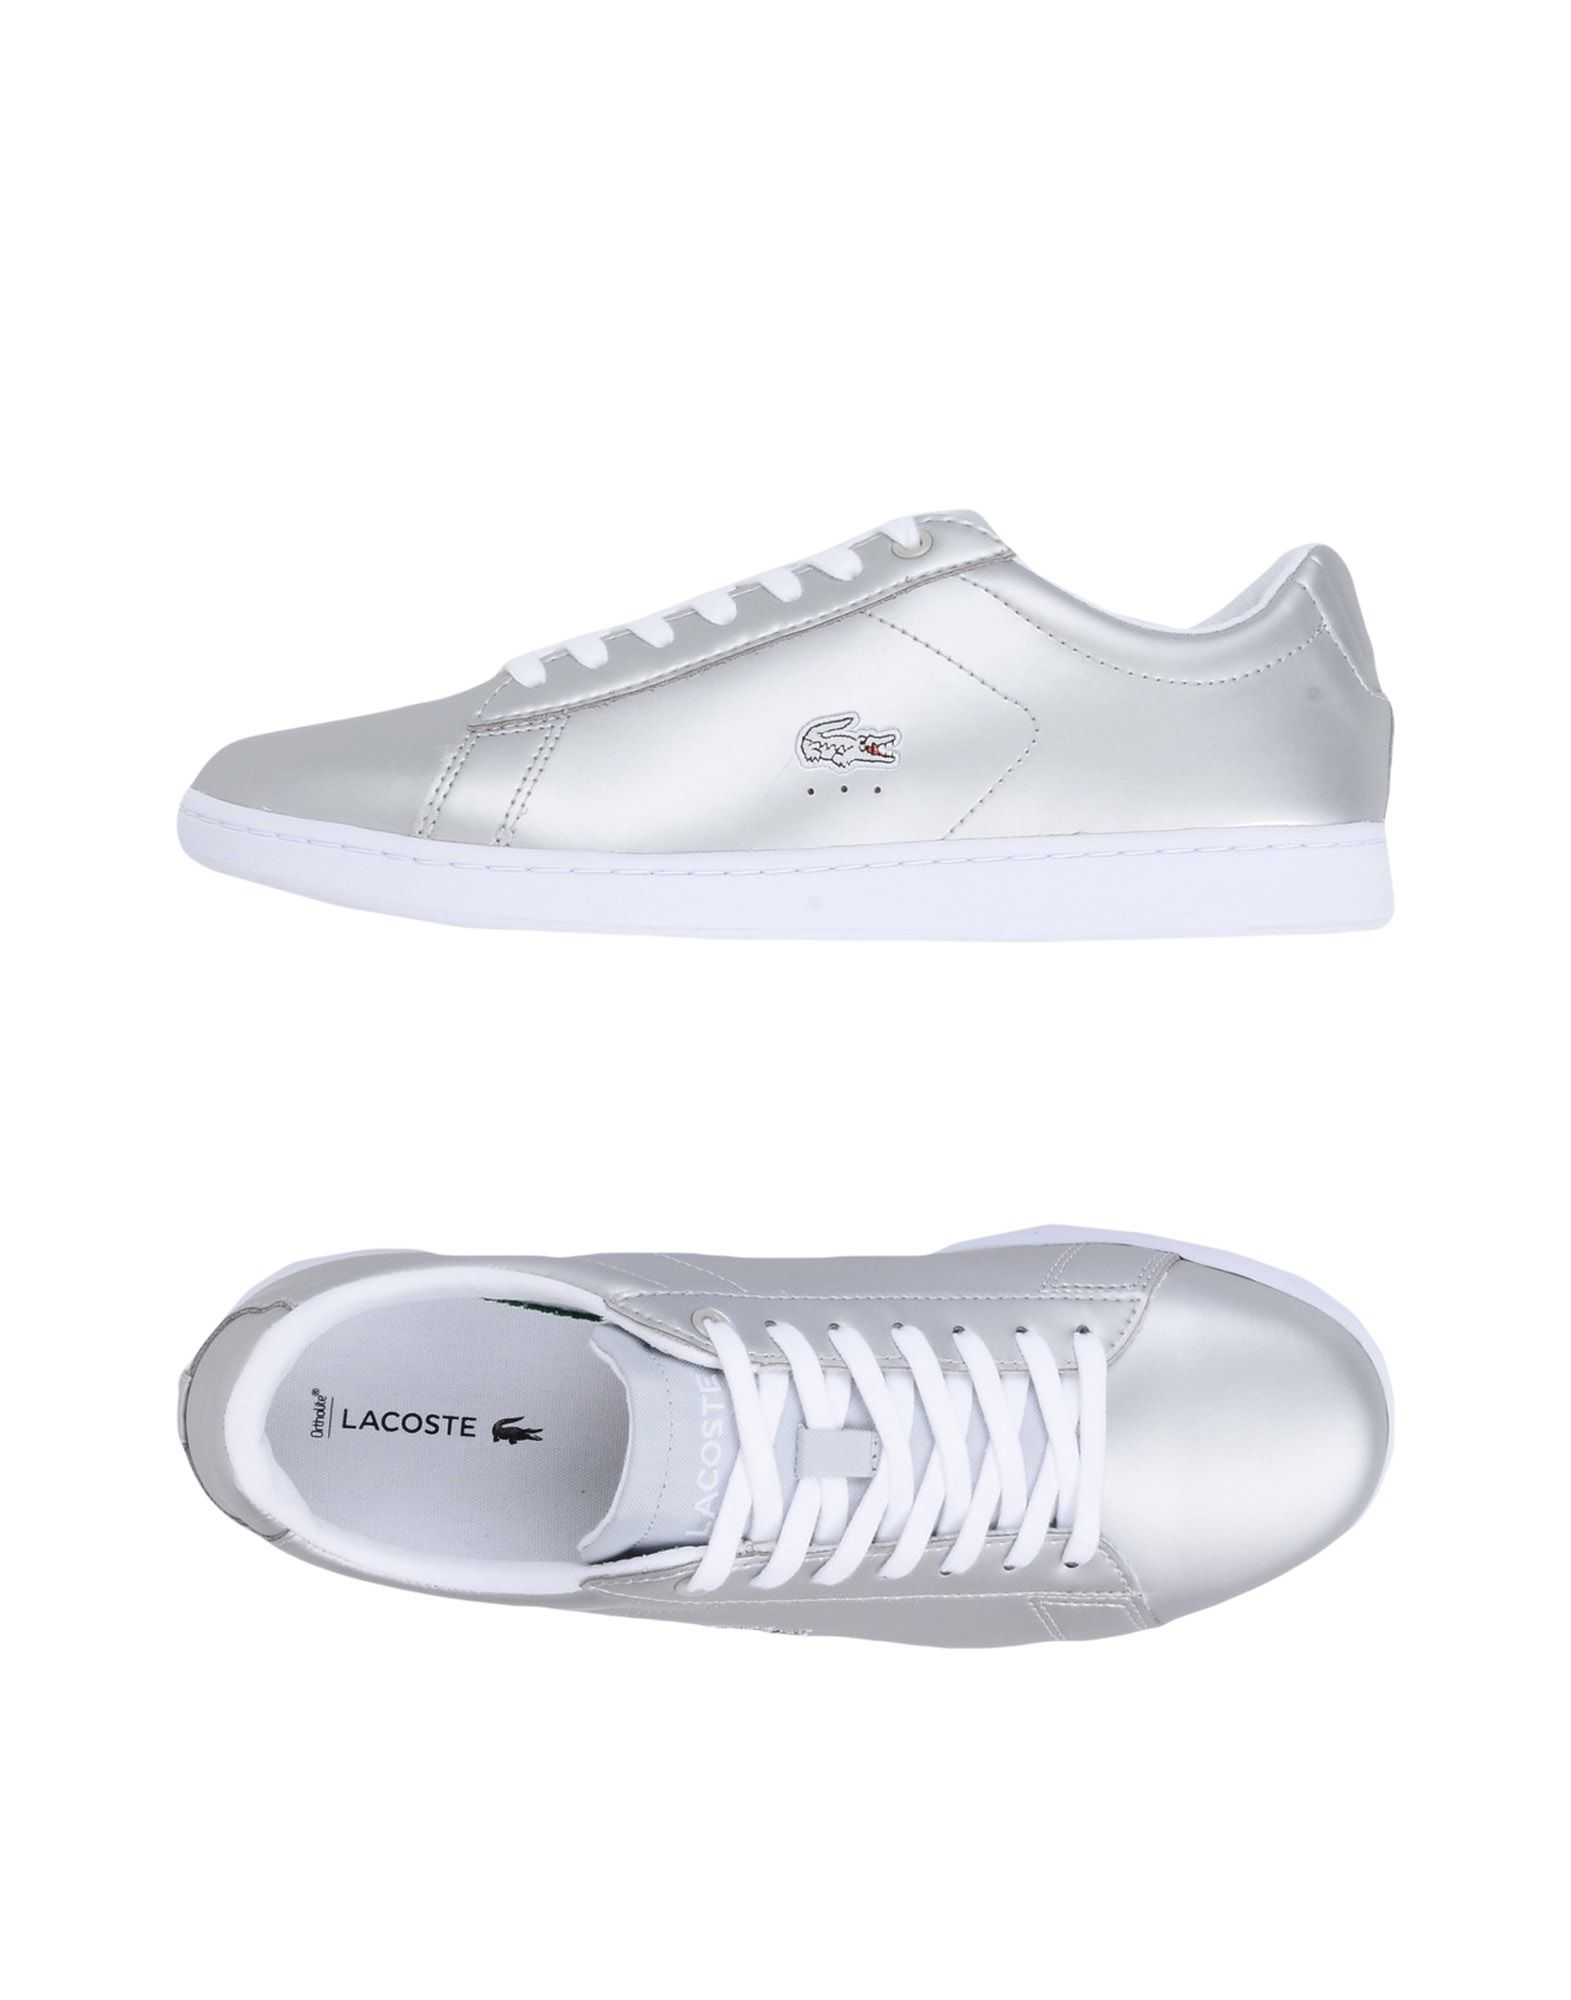 en soldes 4d2bc 179e4 LACOSTE Sneakers - Footwear | YOOX.COM